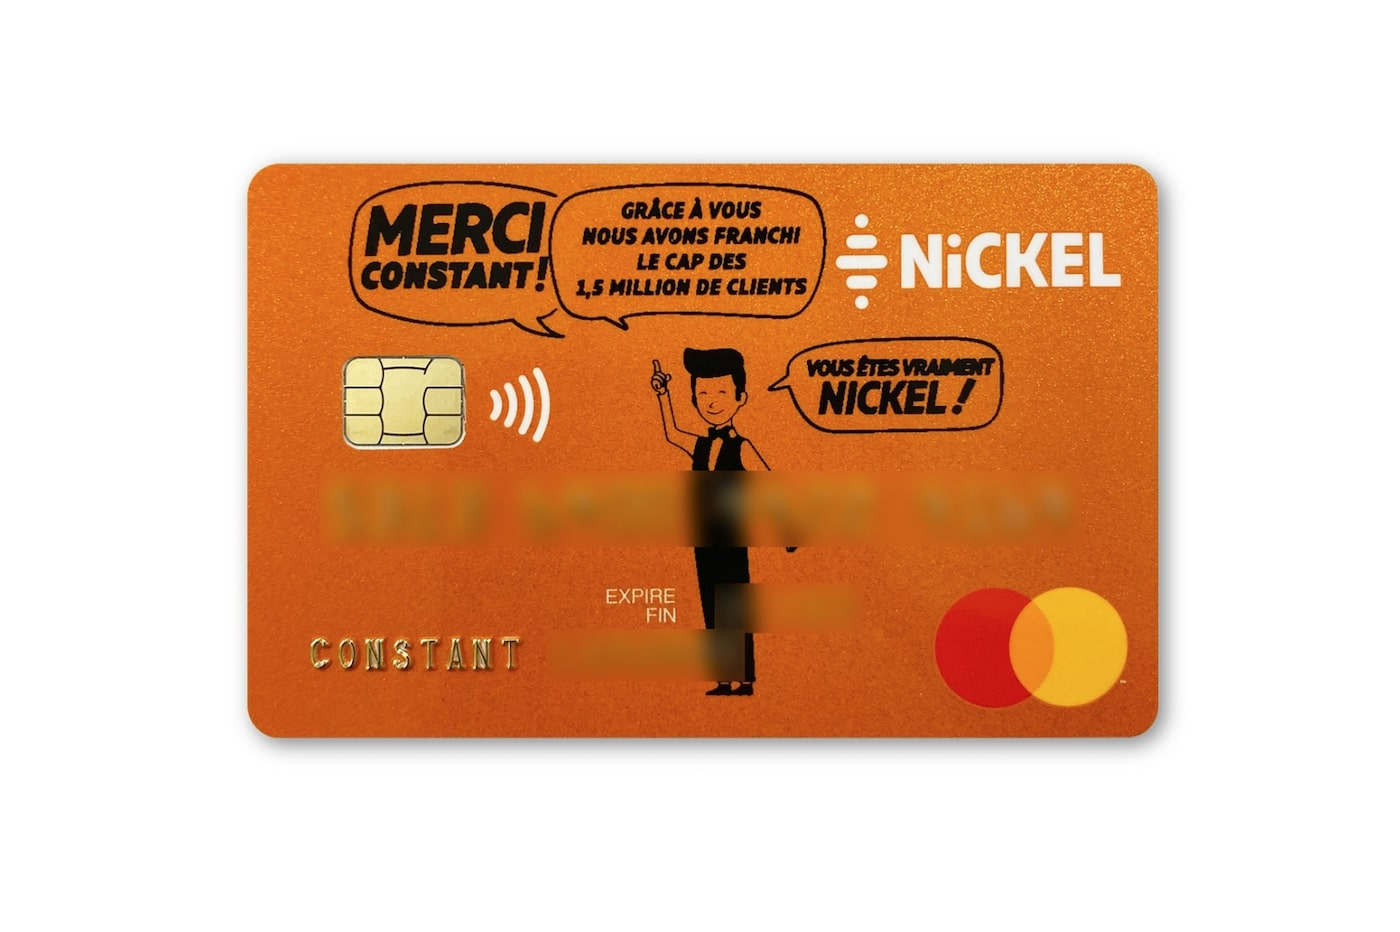 banque nickel clients